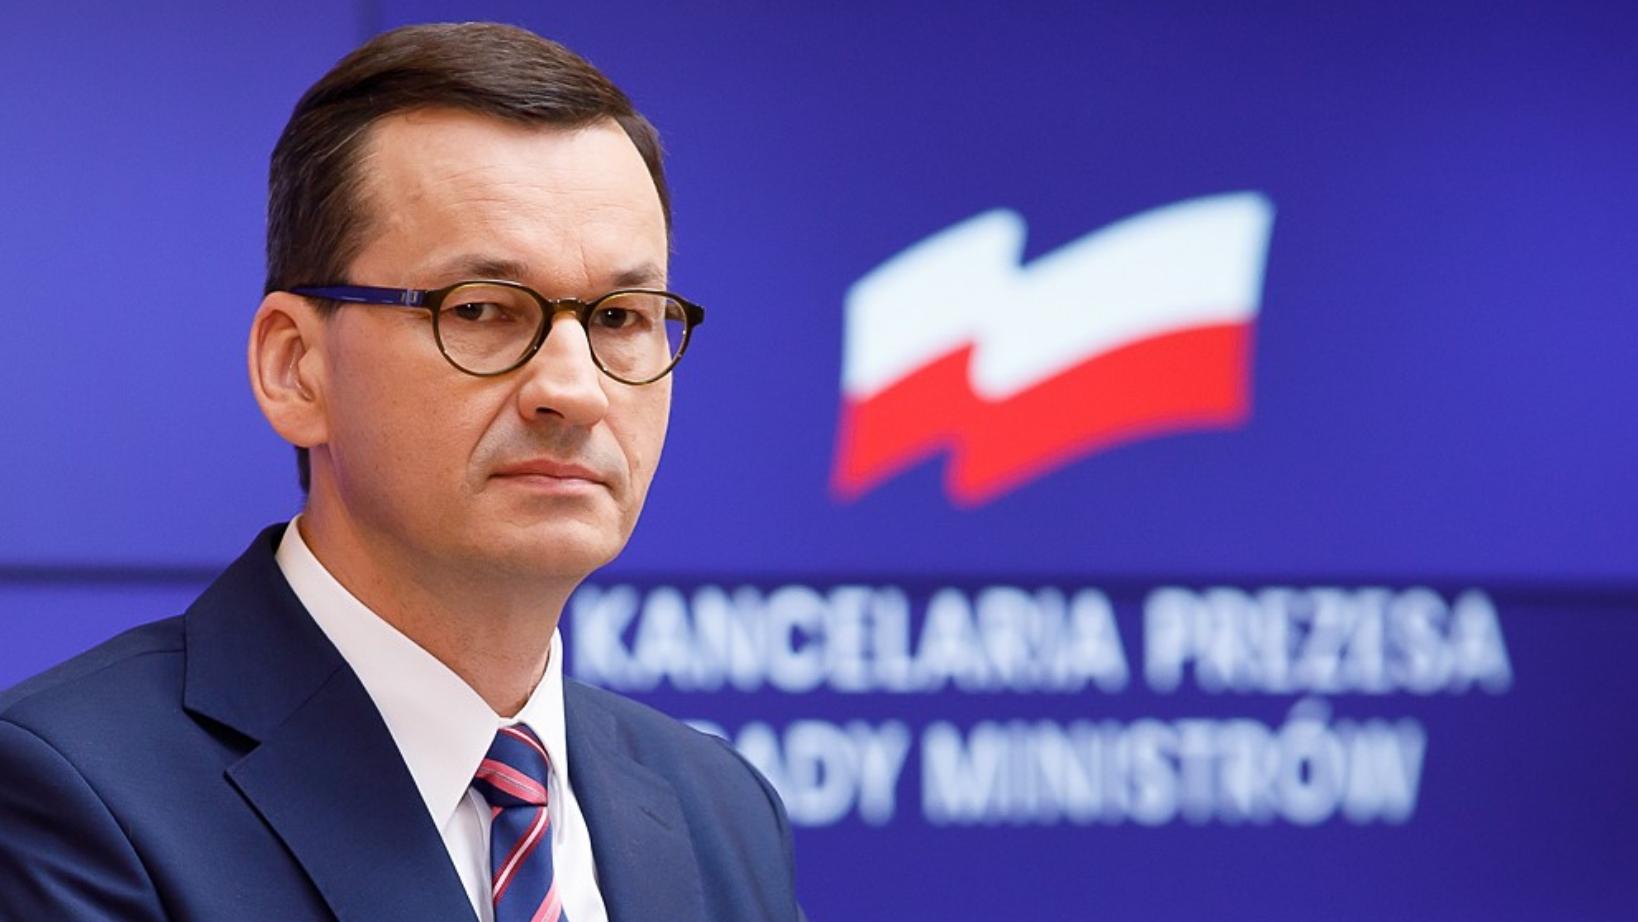 """Morawiecki odpowiedział na apel Tuska. """"Jesteśmy w stanie podjąć rzeczową dyskusję"""""""